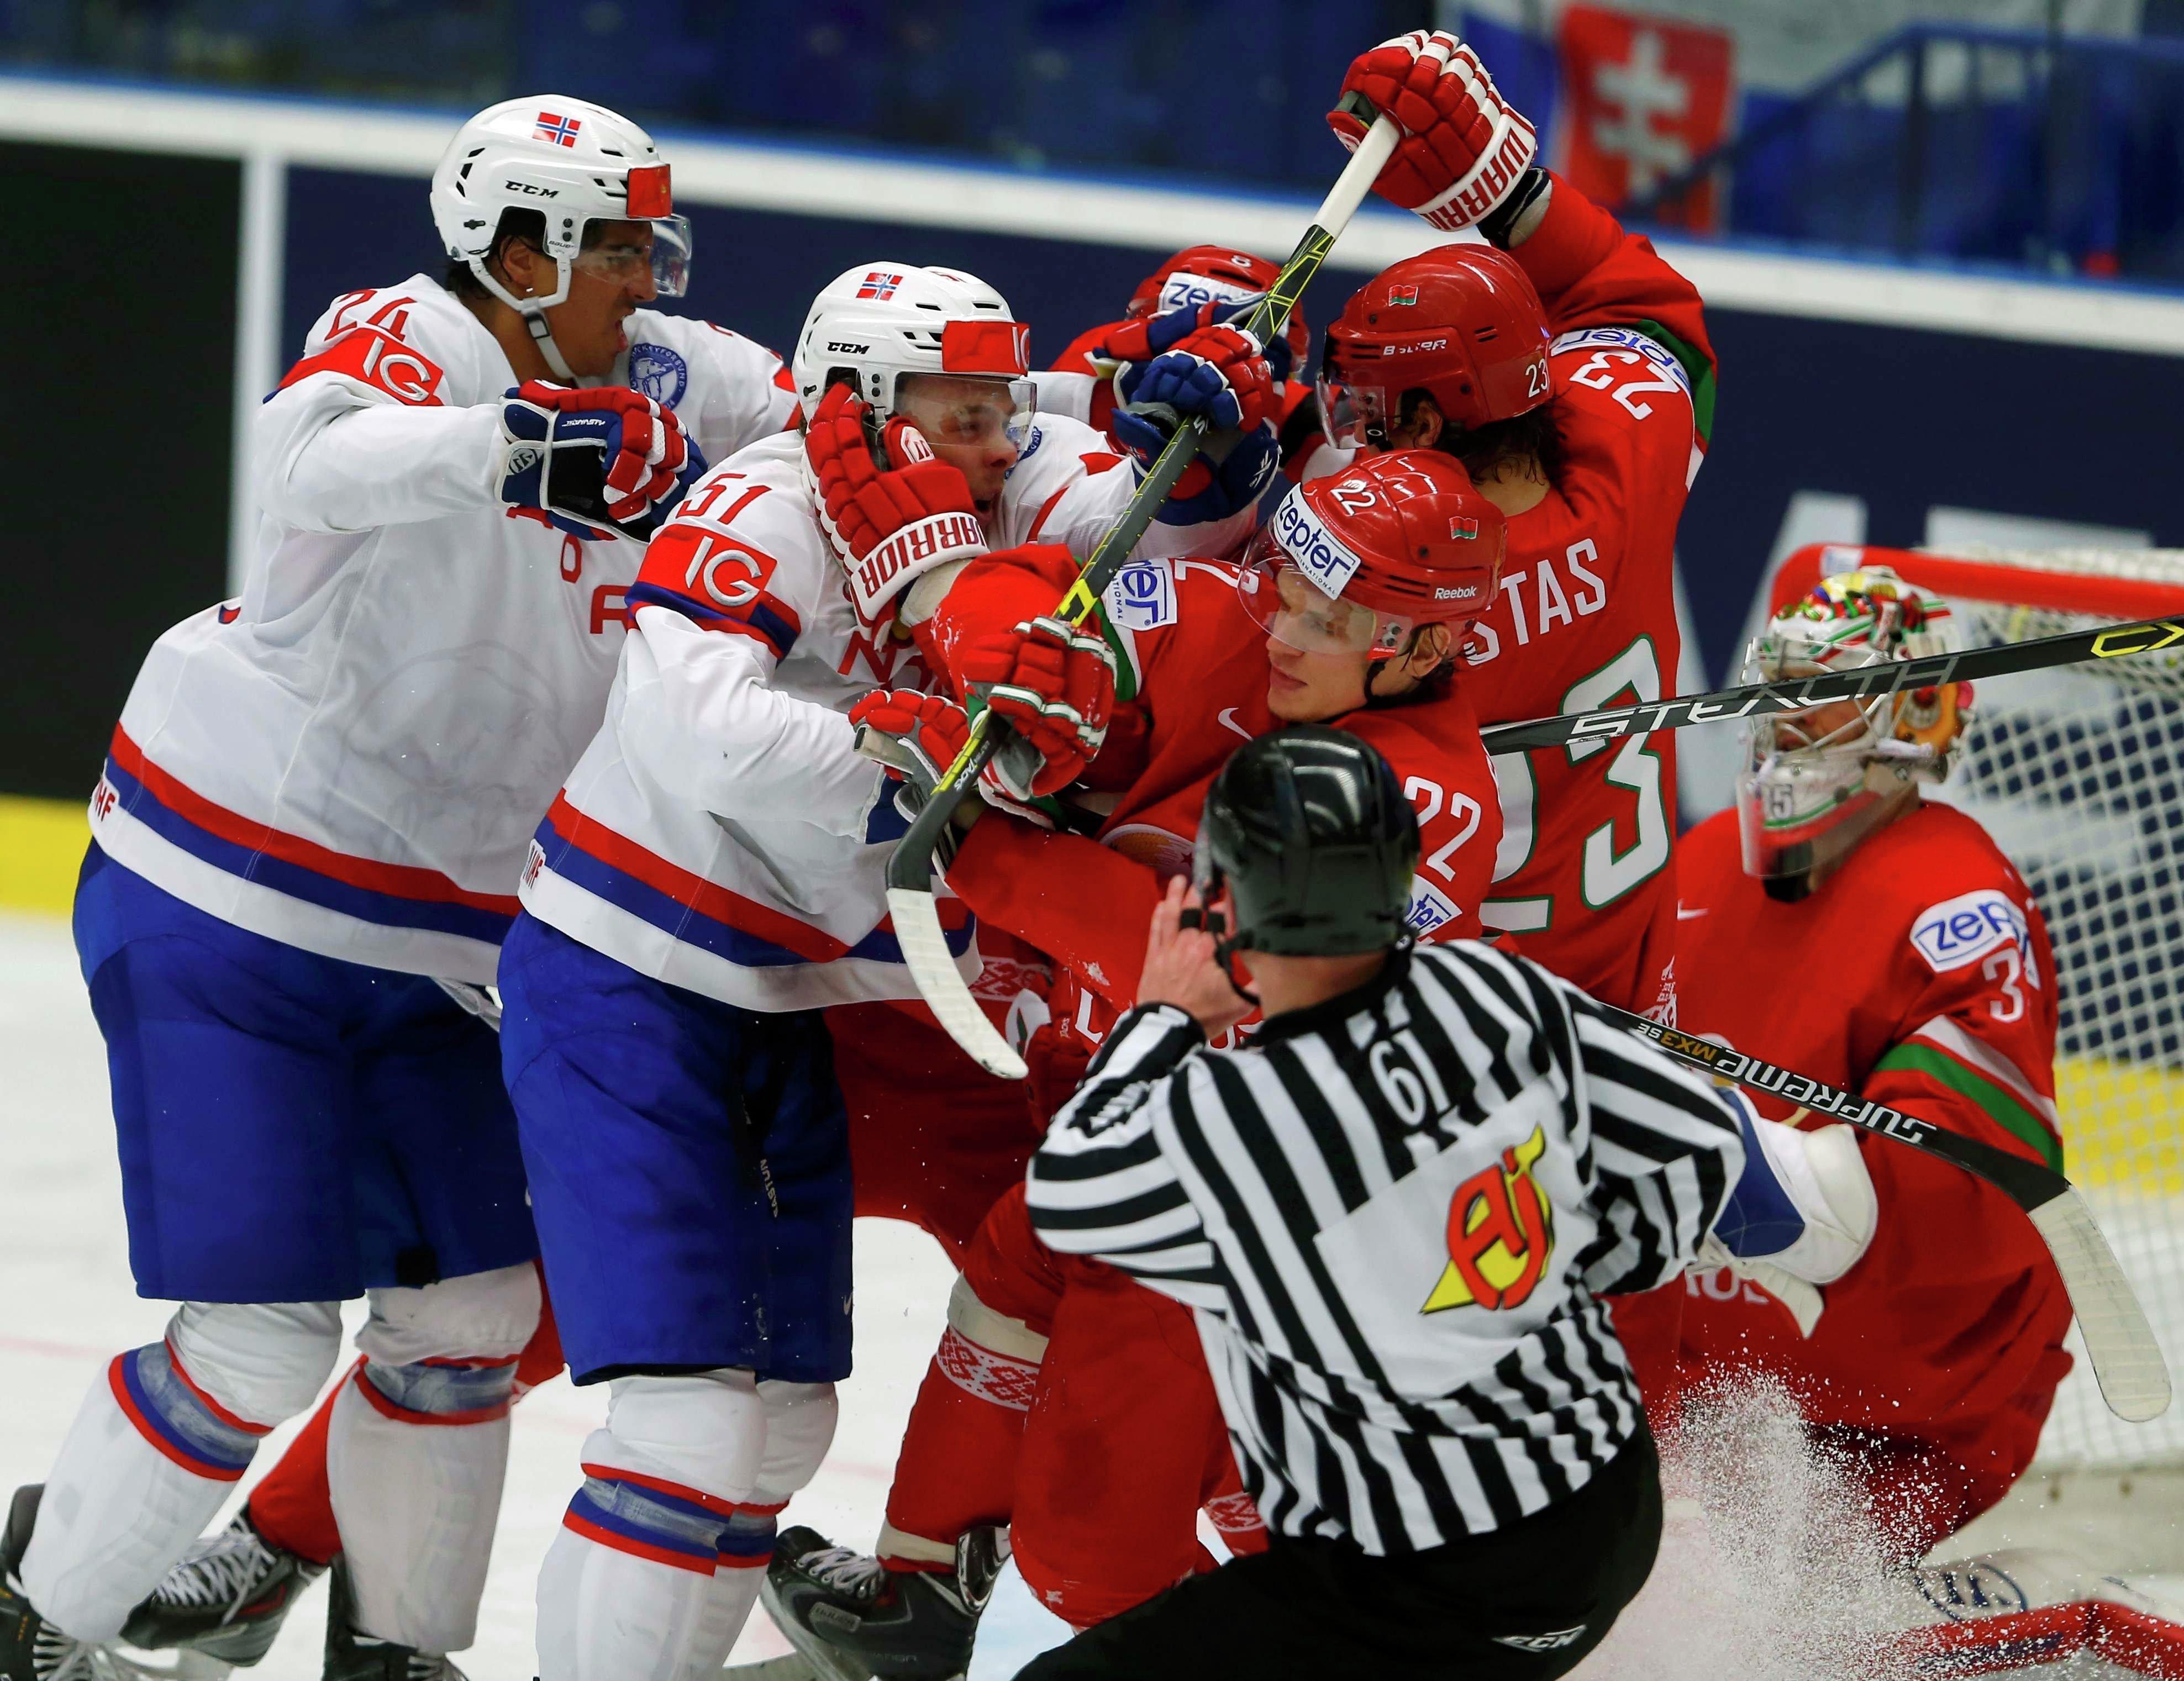 Потасовка у ворот Кевина Лаланда во время матча Беларусь - Норвегия на Чемпионате мира по хоккею